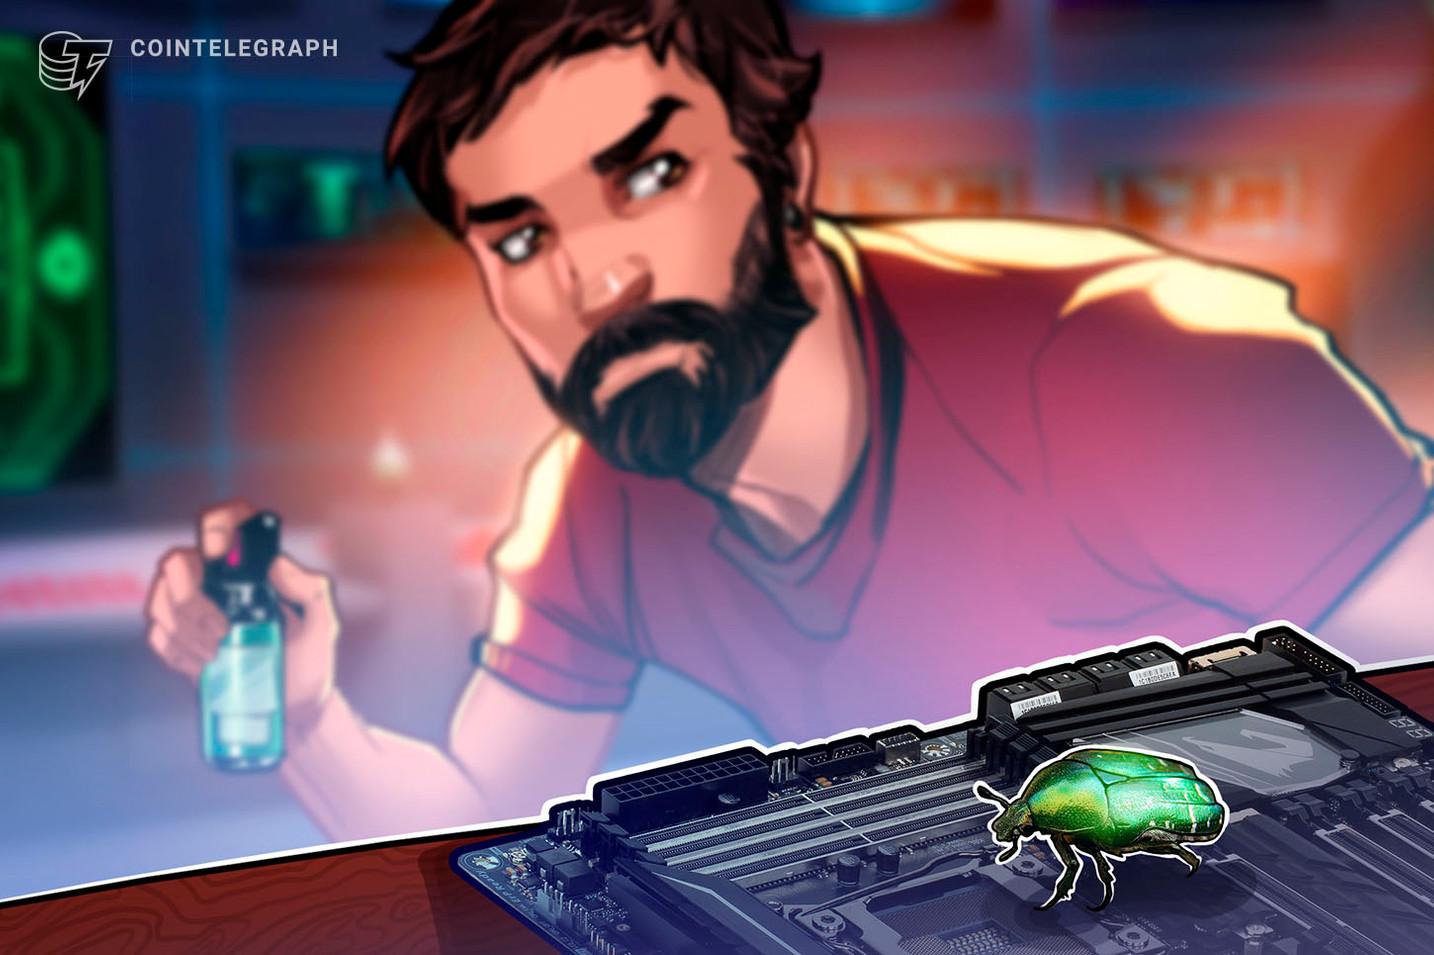 Programma bug bounty di AirSwap: ricompense fino a 20.000$